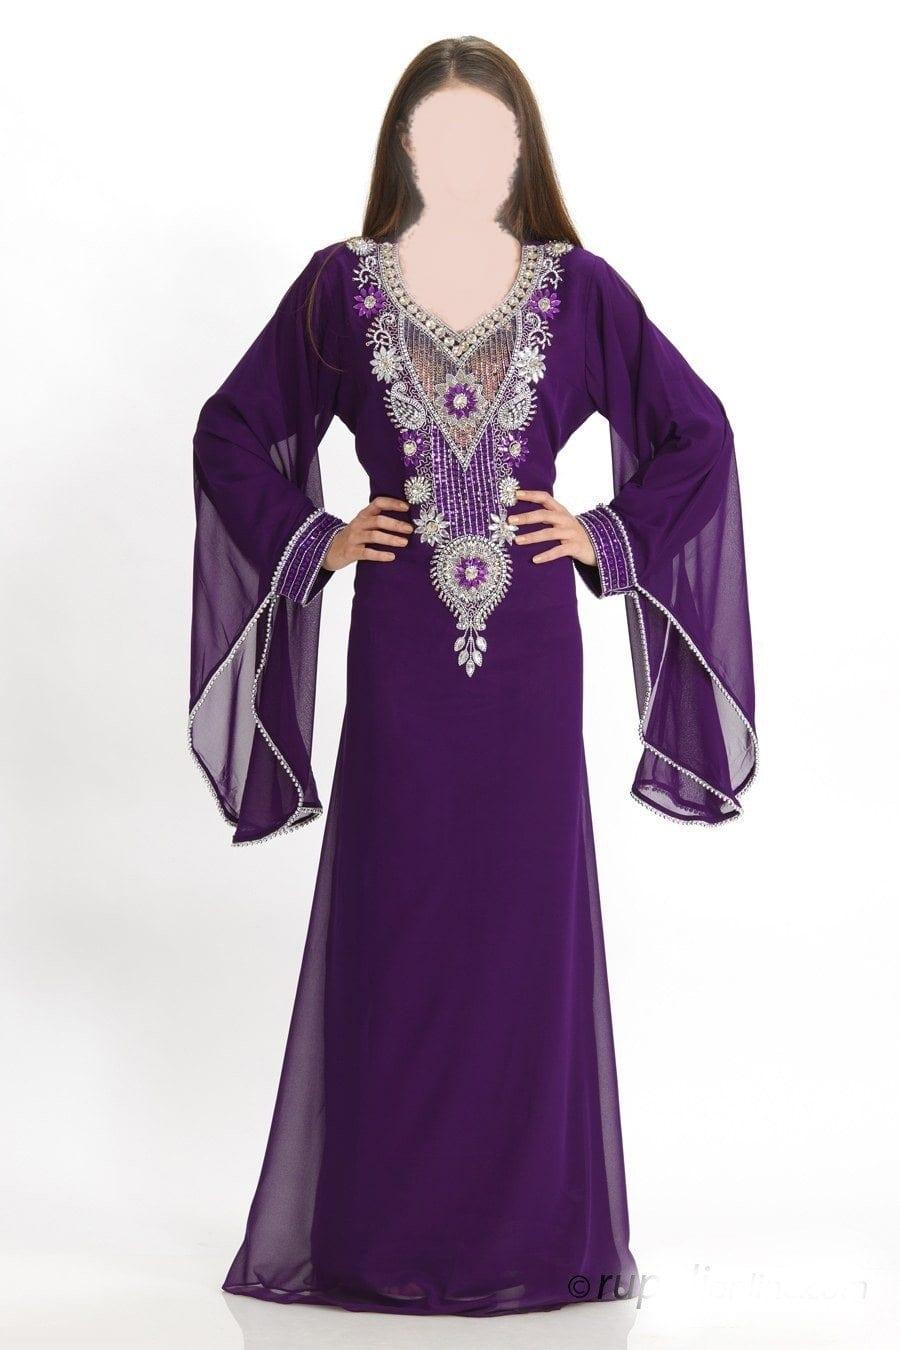 تشكيلة جميلة من القنادر الاماراتية لراس السنة 2013 - 3